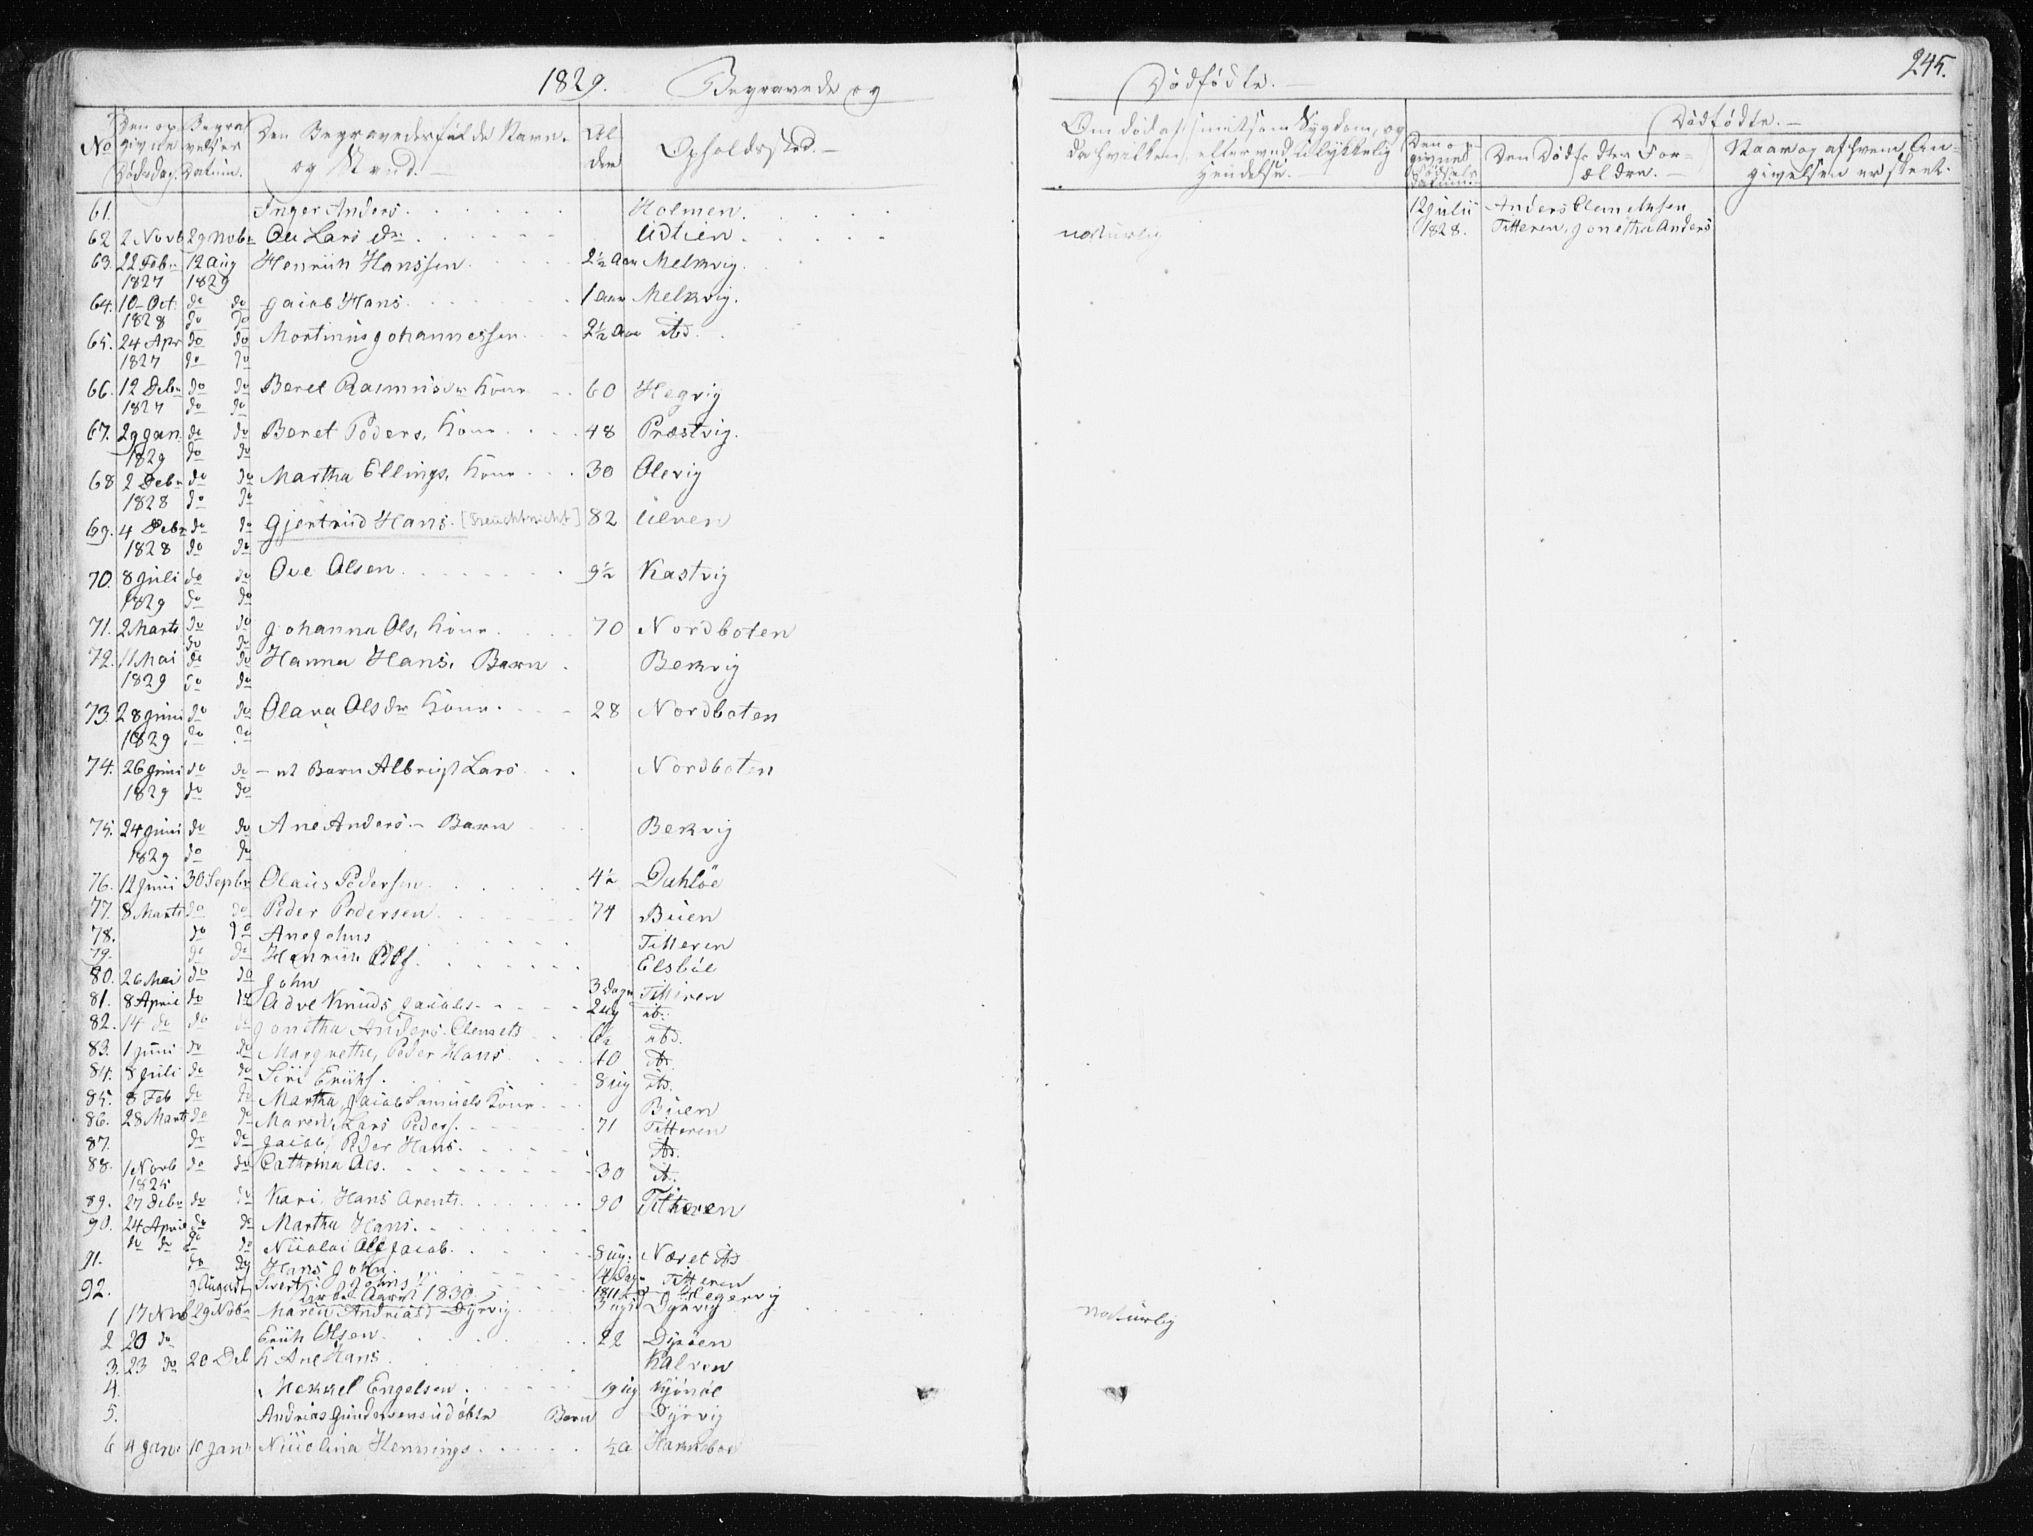 SAT, Ministerialprotokoller, klokkerbøker og fødselsregistre - Sør-Trøndelag, 634/L0528: Ministerialbok nr. 634A04, 1827-1842, s. 245